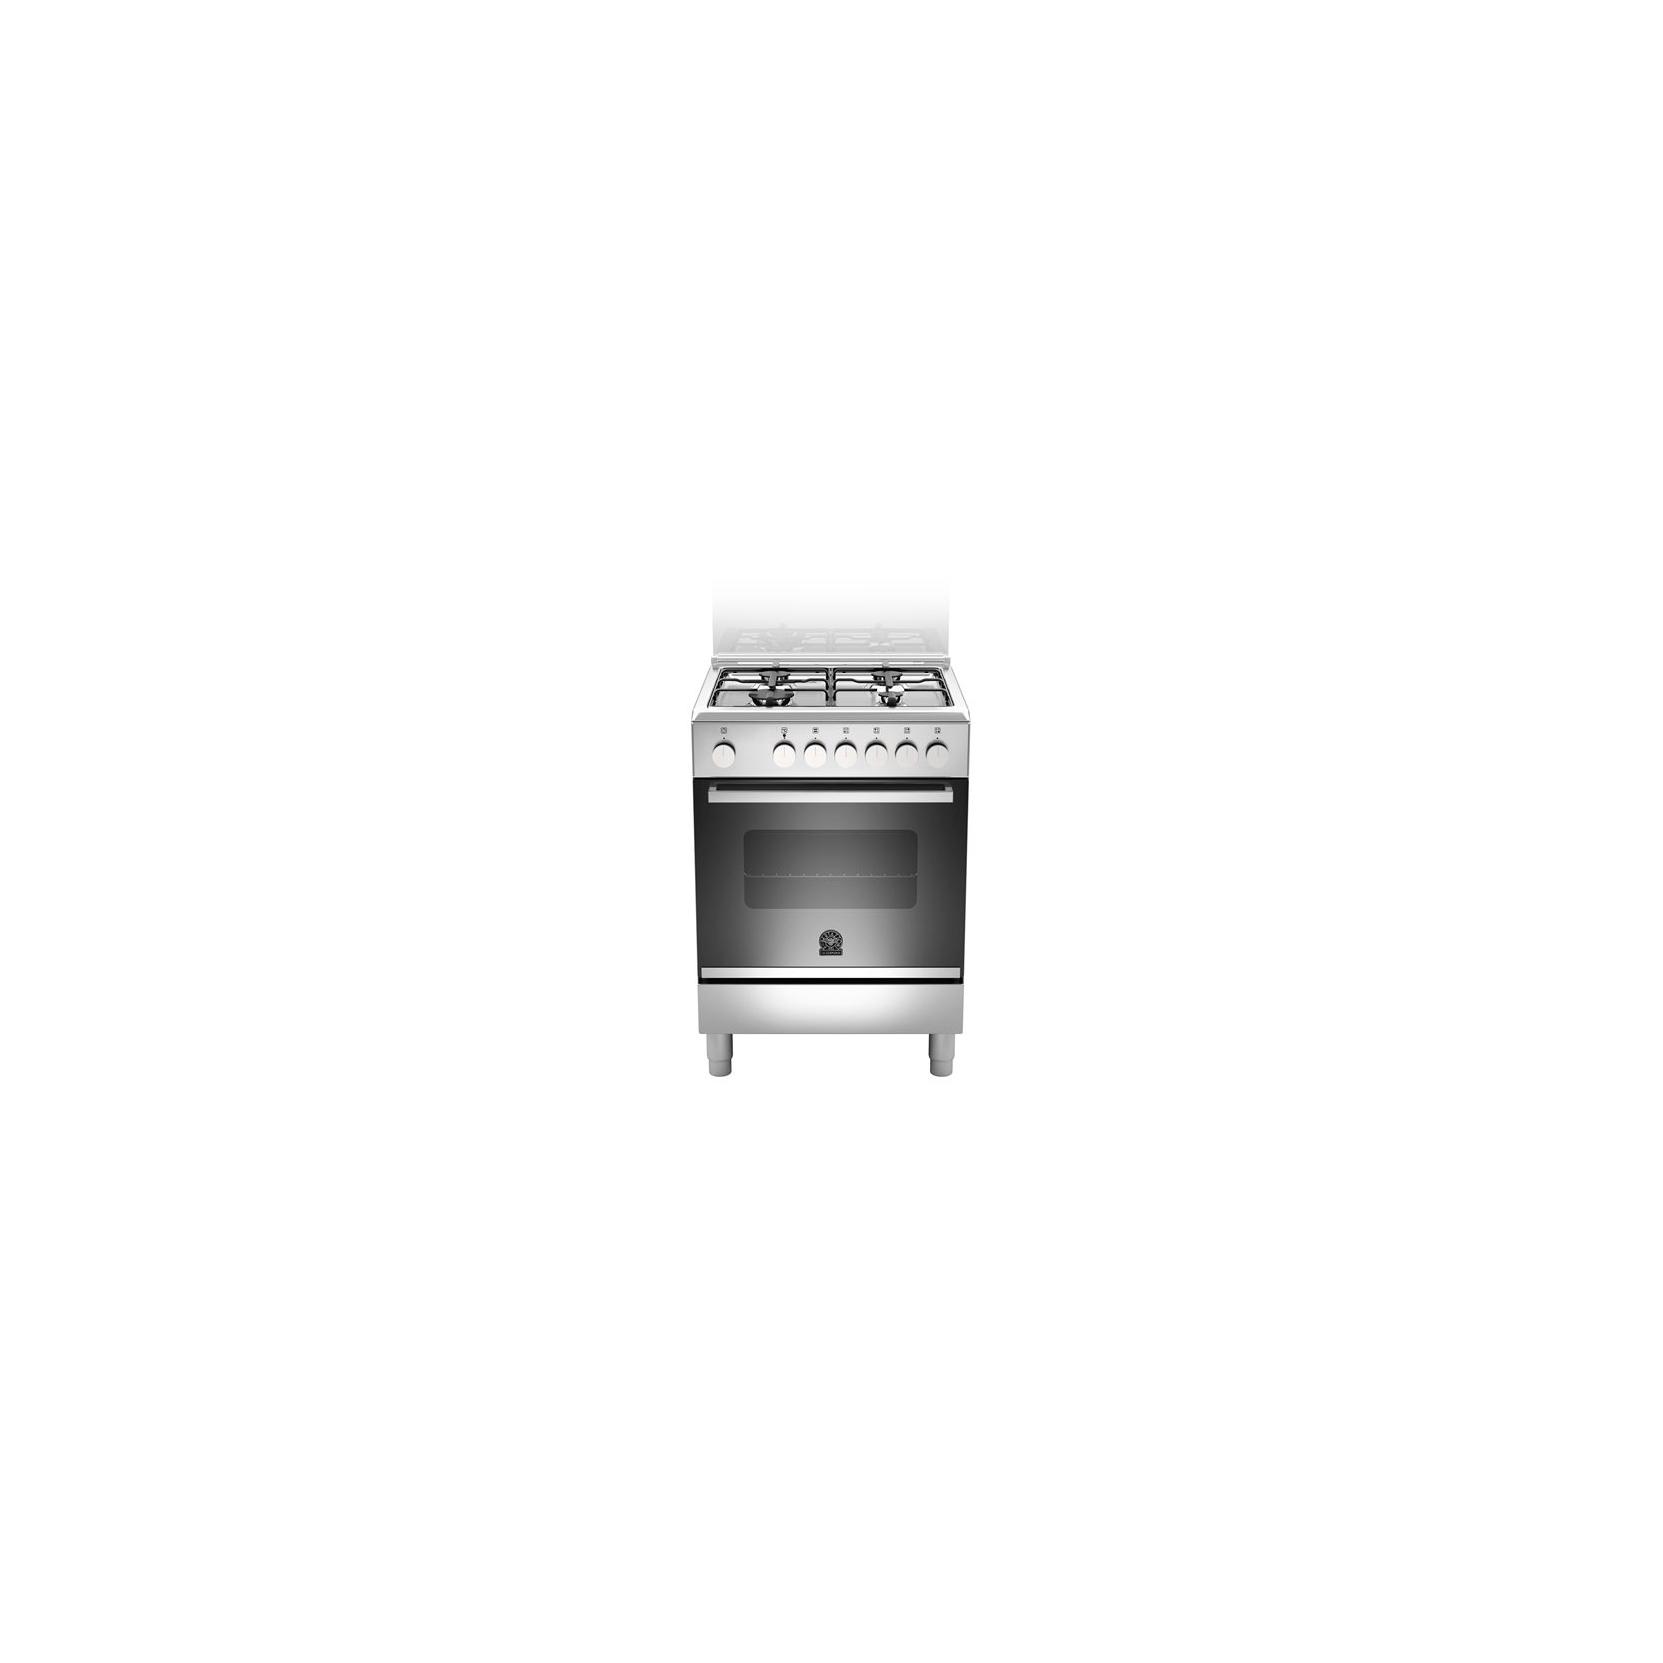 Cucina la germania ftr604mfesxe 60x60 inox forno elettrico - La germania cucina ...